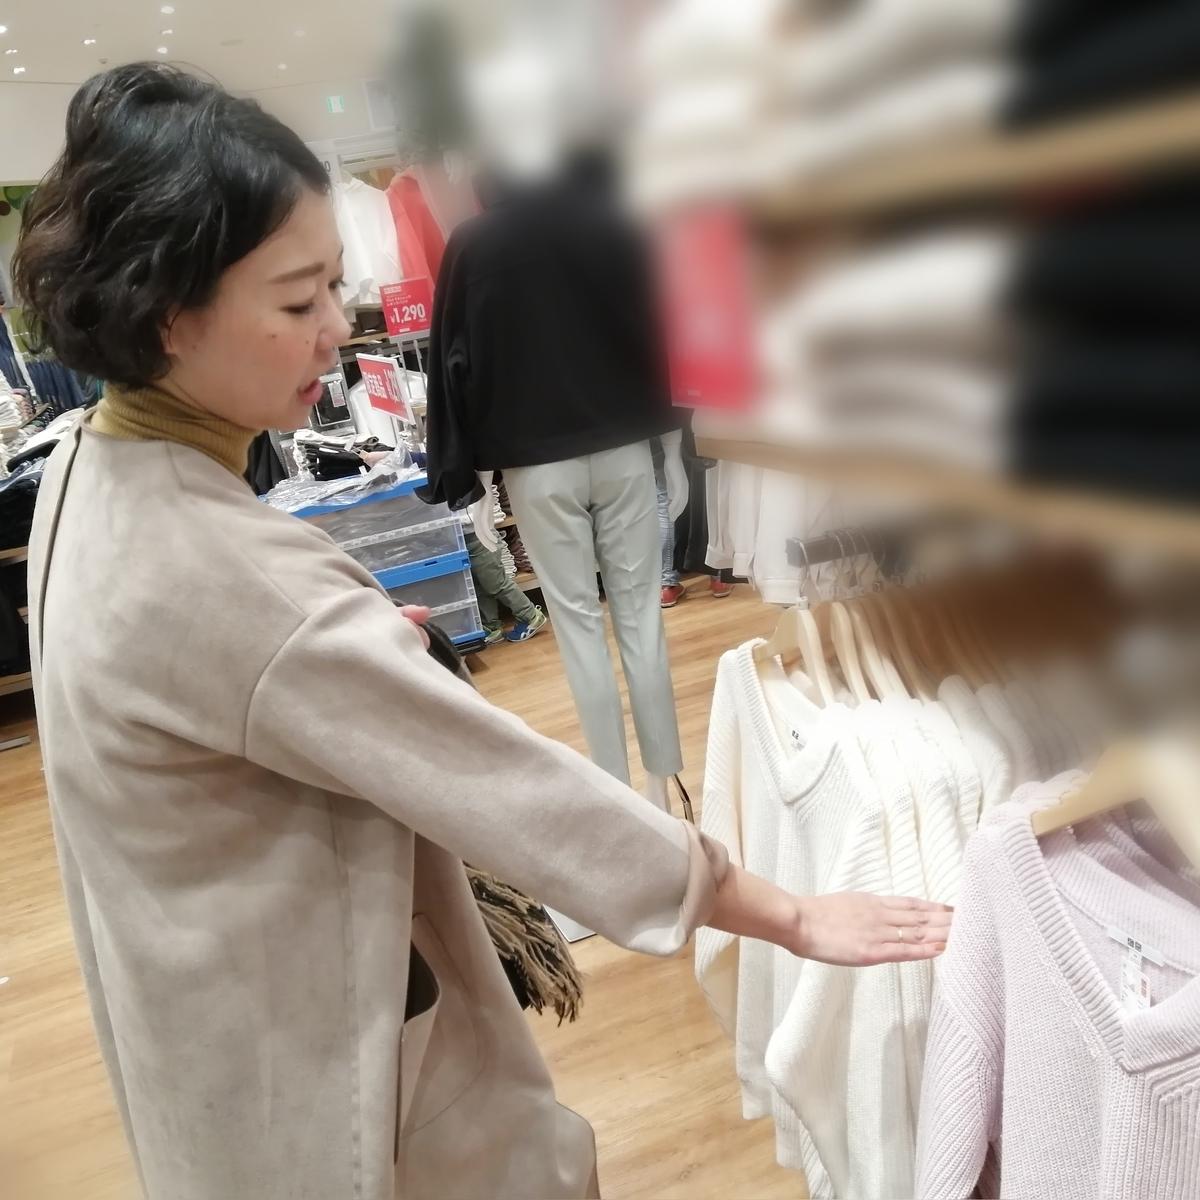 f:id:sutoaka-nagoya:20200217124430j:plain